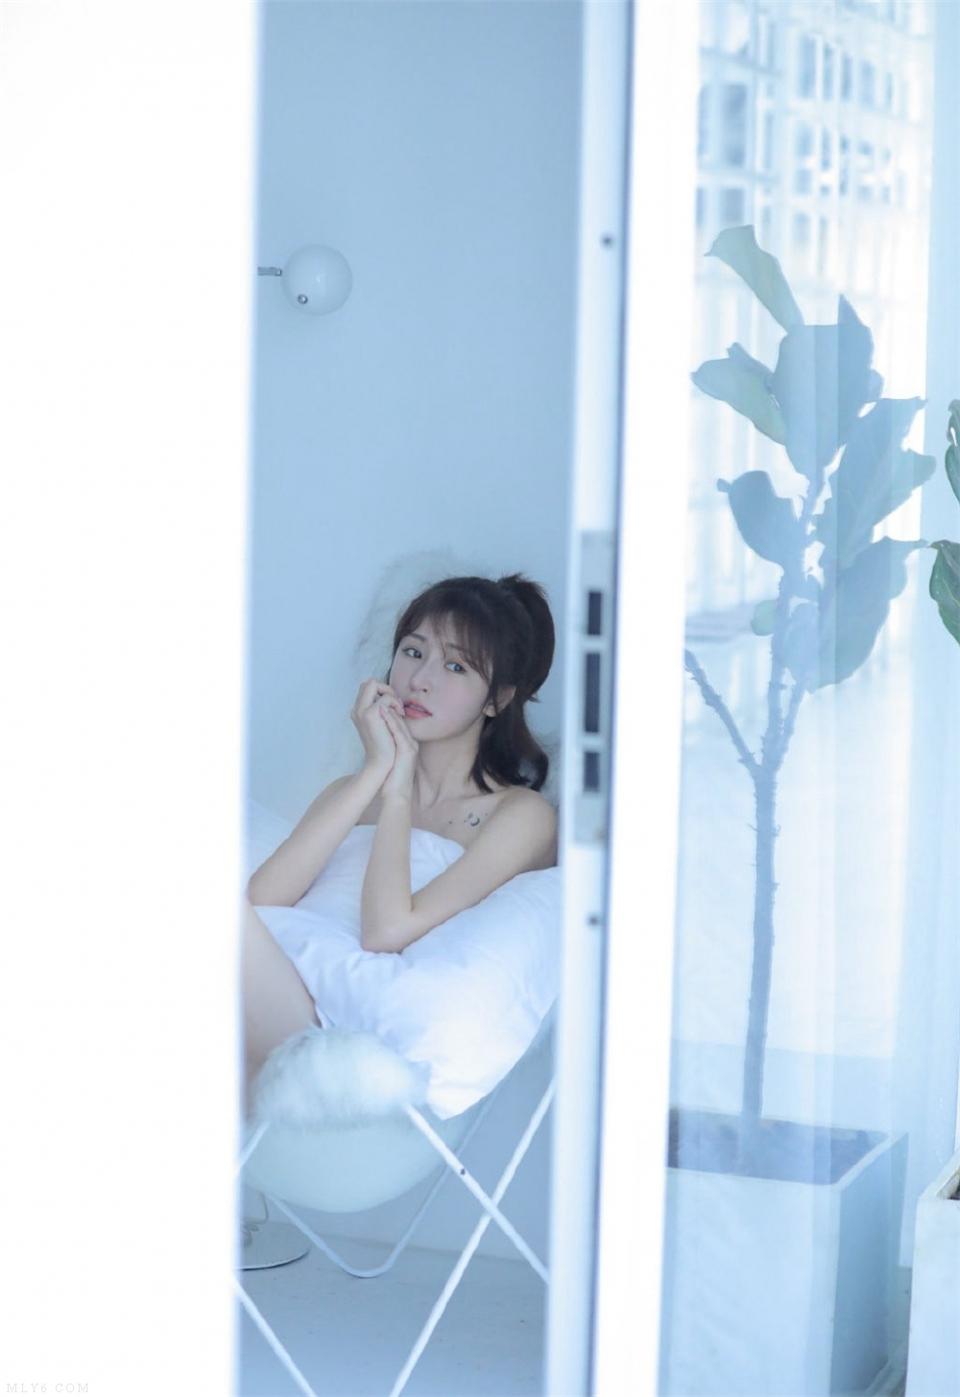 浴室少女娇软可欺肌肤光滑细嫩美女写真